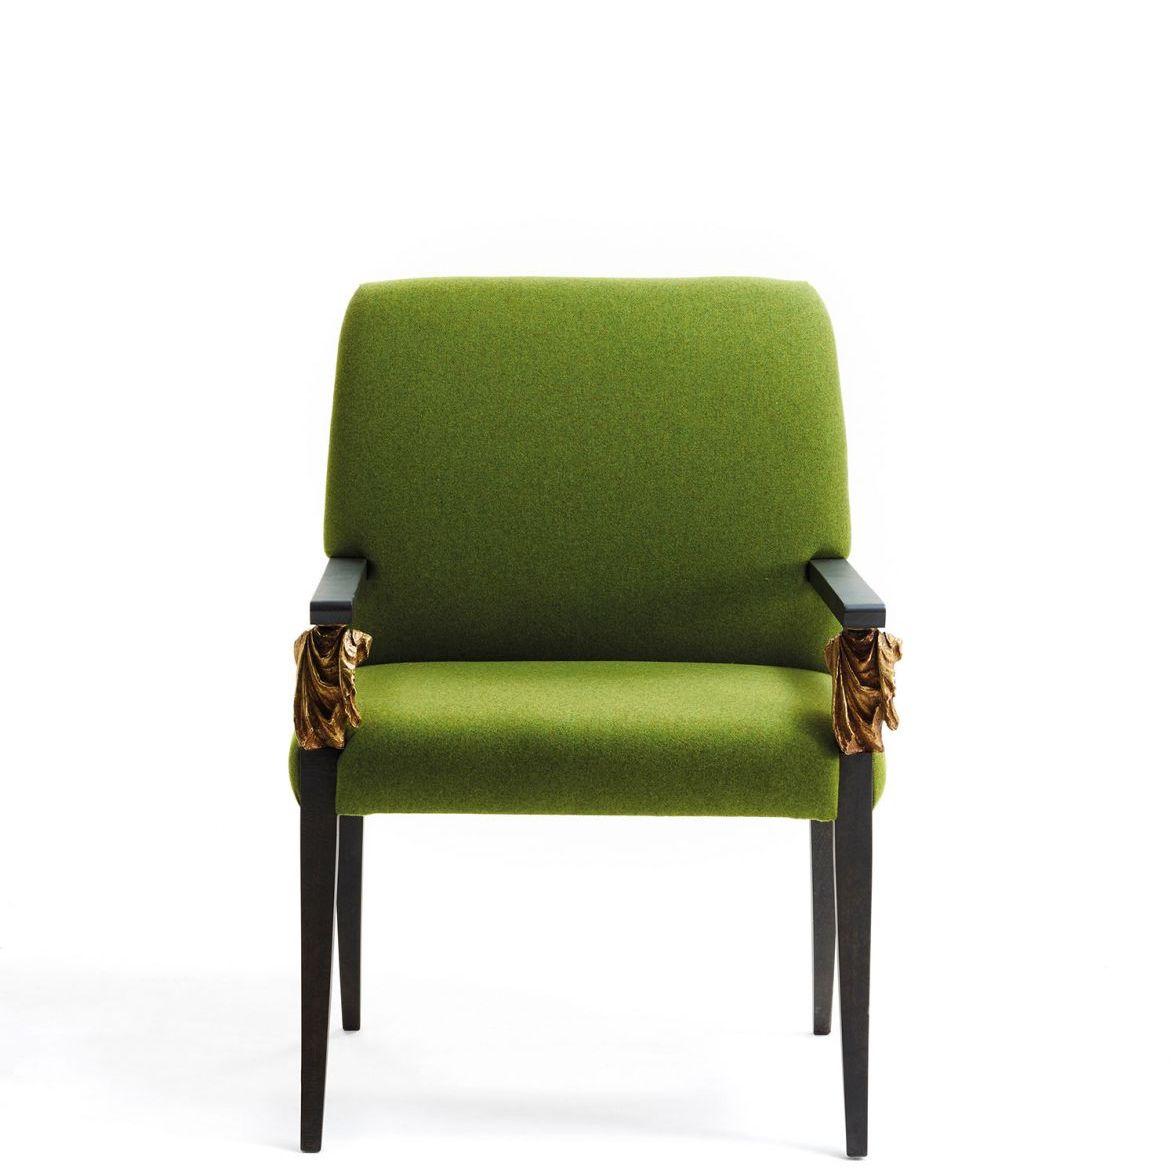 Sculture armchair